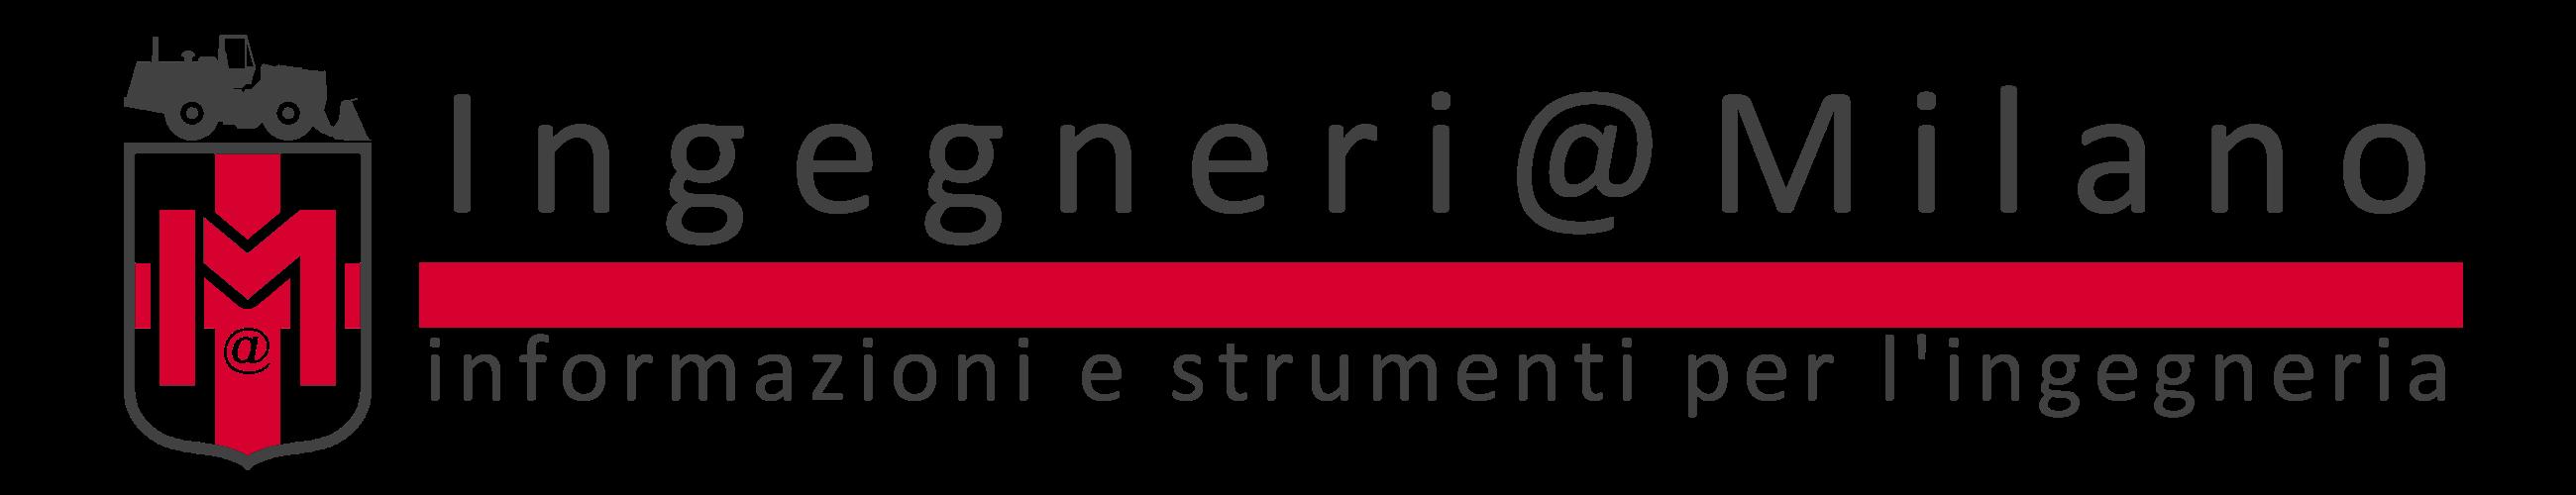 Ingegneri a Milano - informazioni e strumenti per l'ingegneria